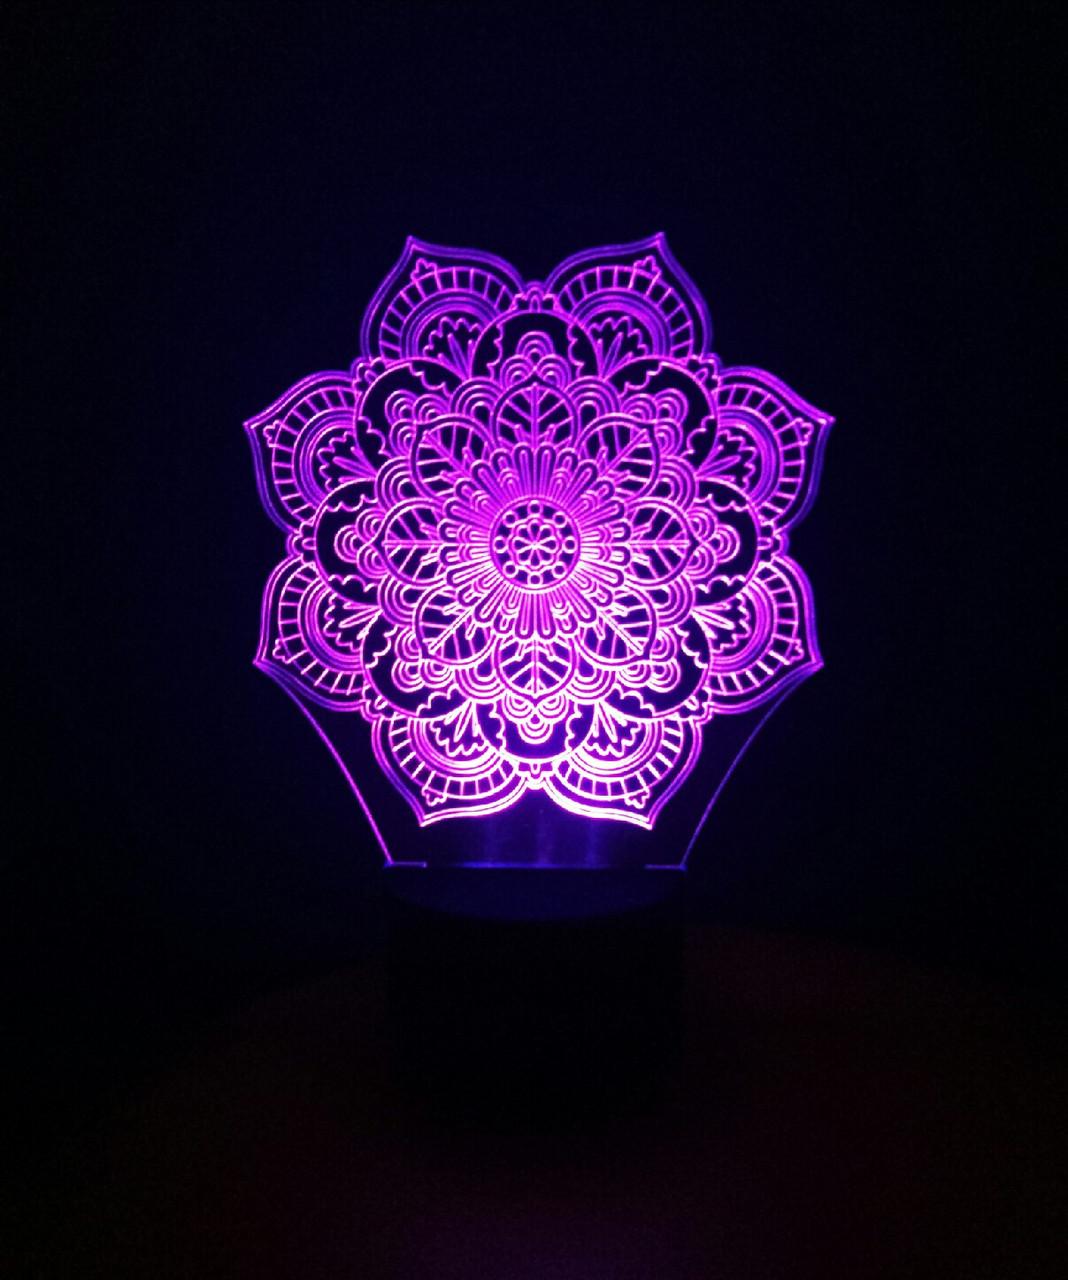 3d-светильник Мандала, 3д-ночник, несколько подсветок (на пульте)